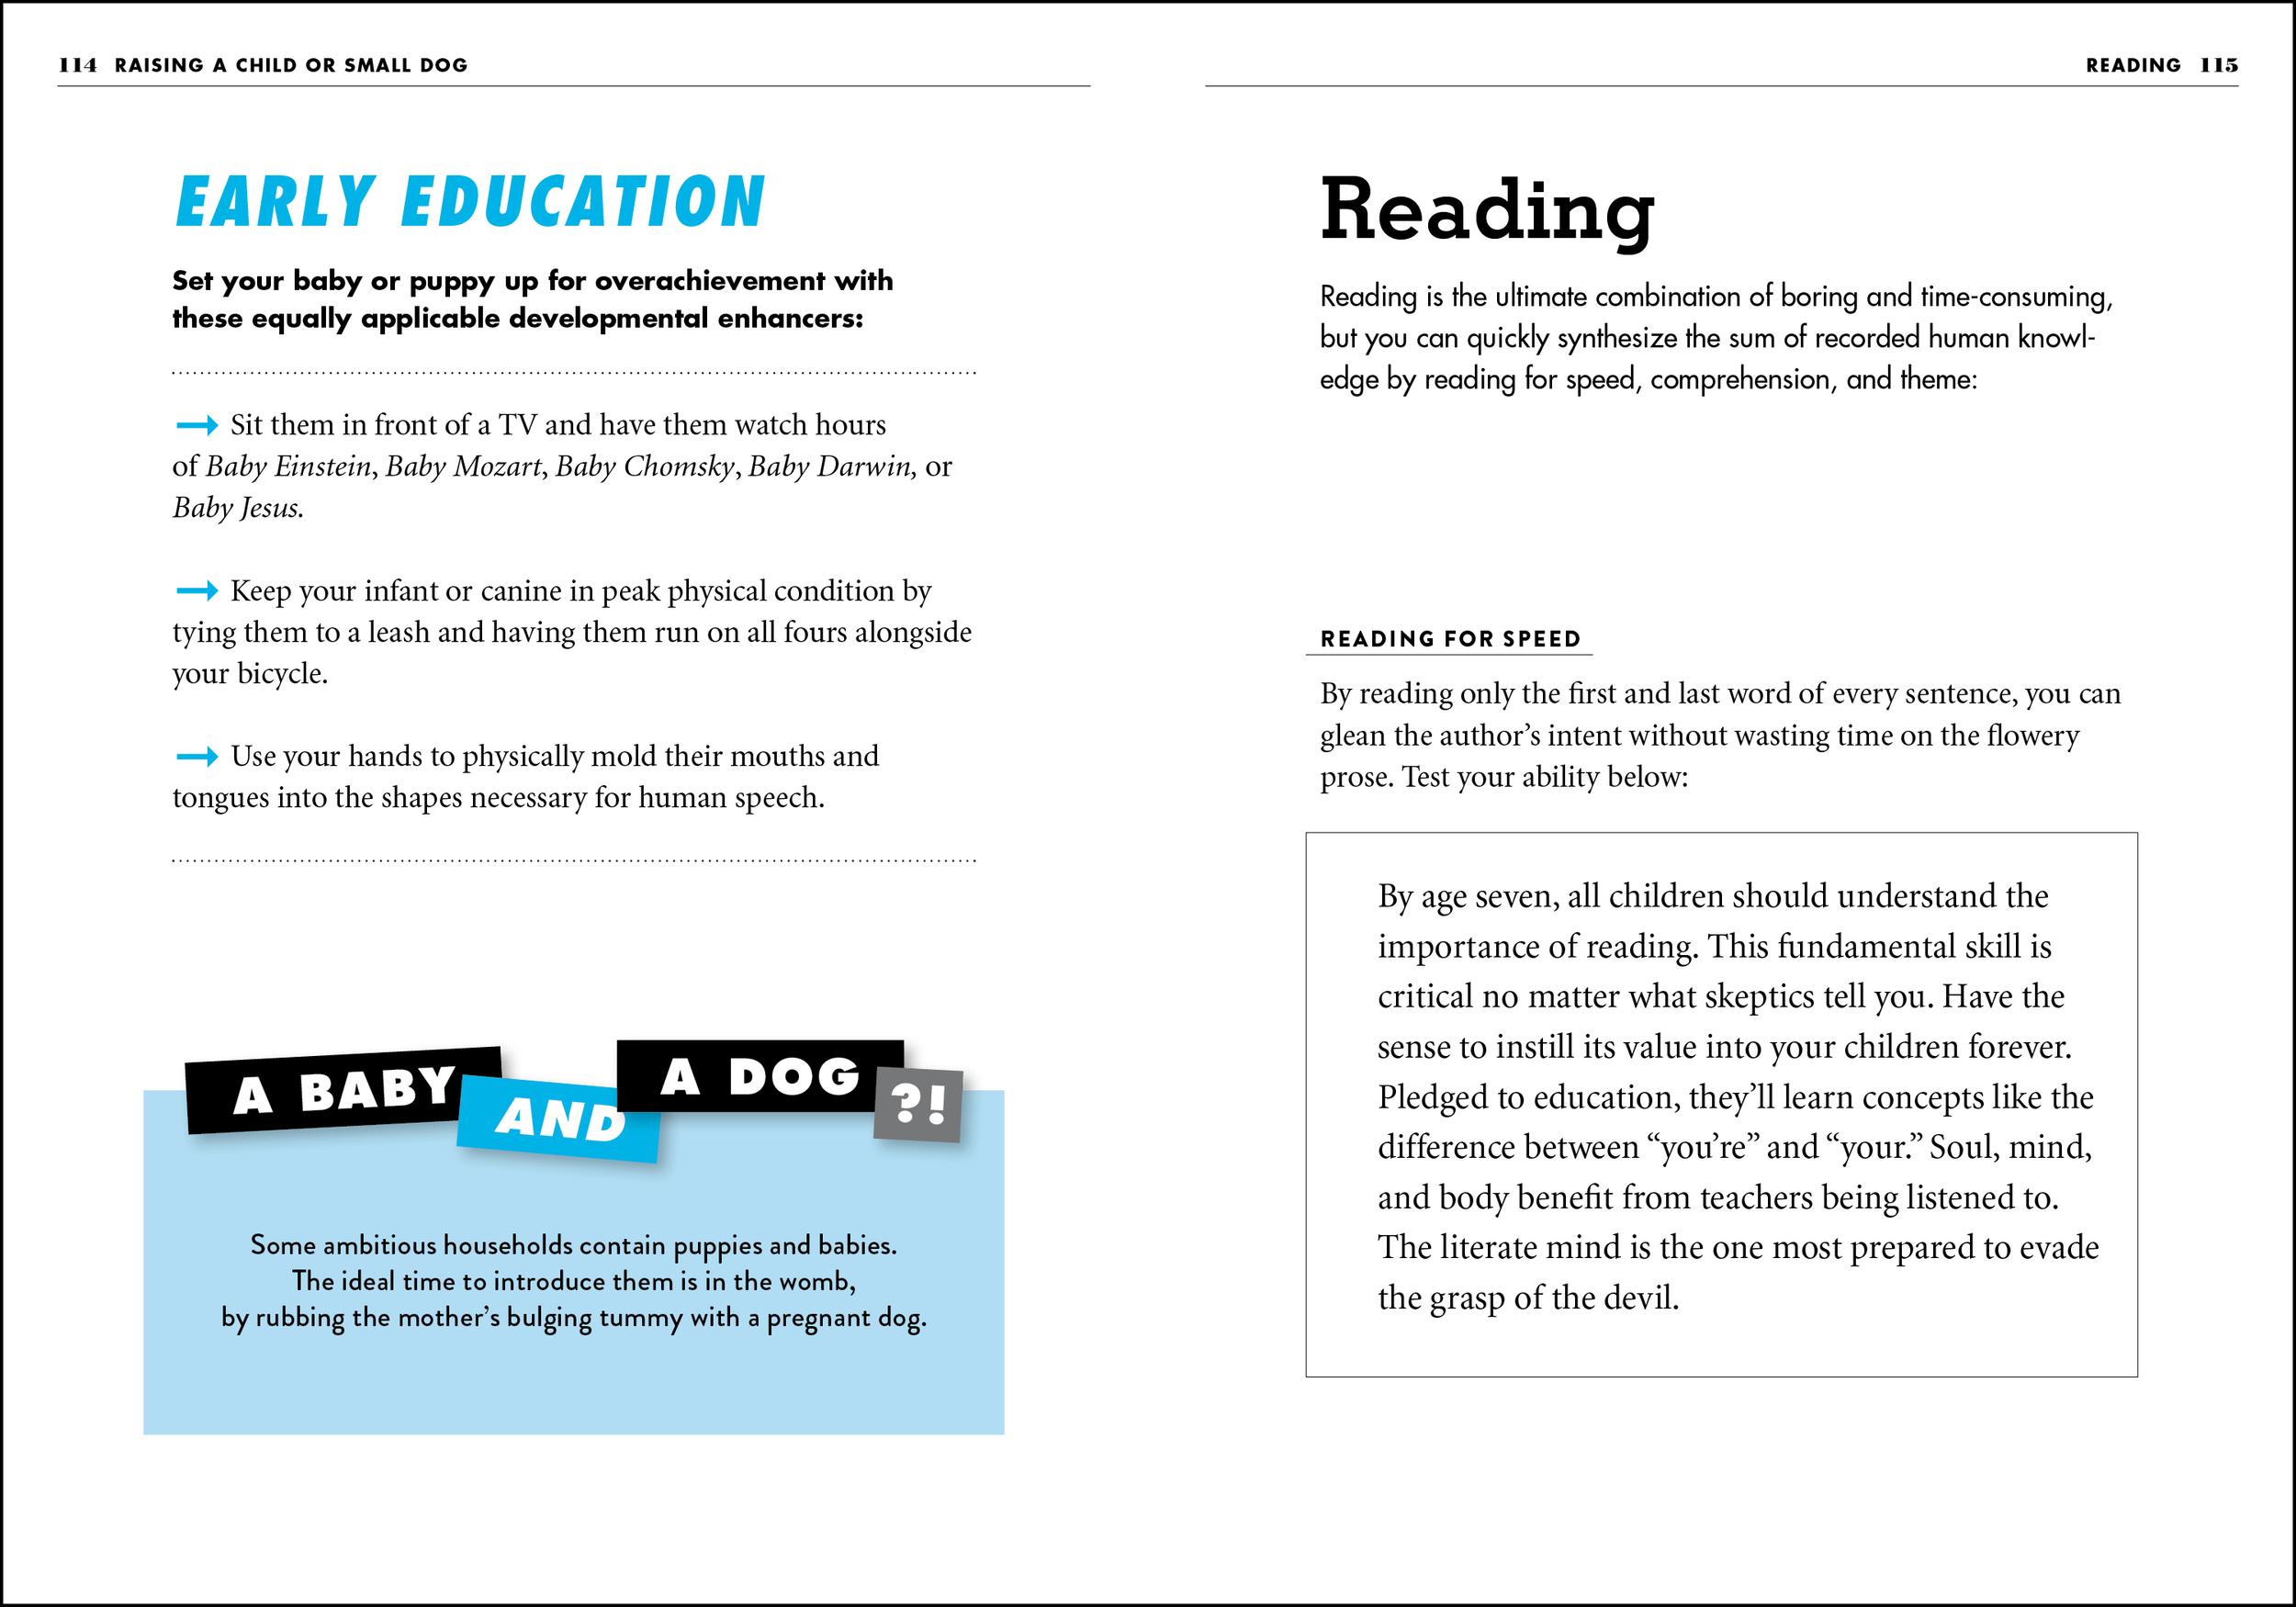 winning_reading-2.jpg